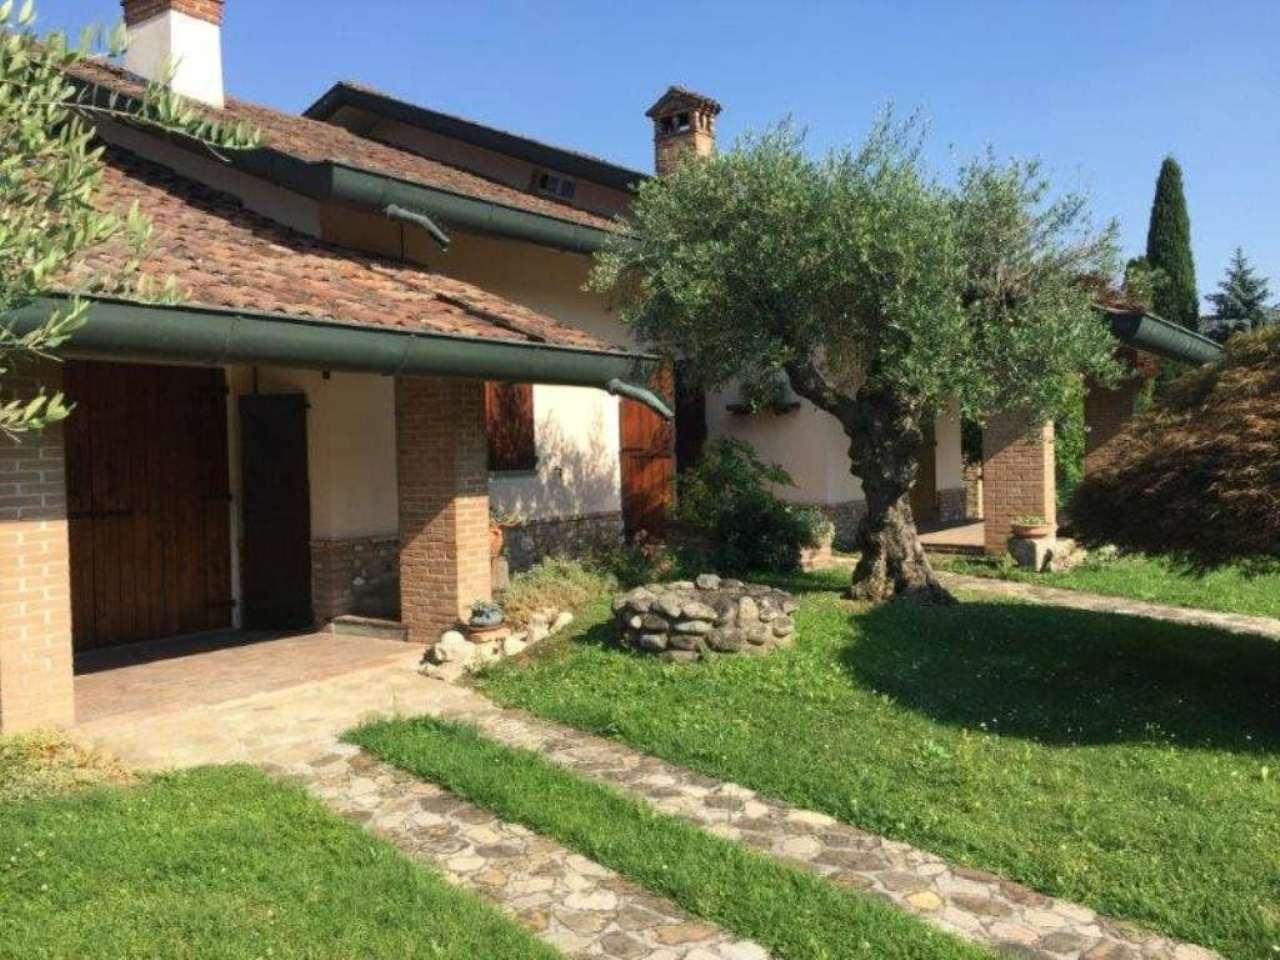 Villa in vendita a Bagnolo Cremasco, 5 locali, prezzo € 330.000 | Cambio Casa.it